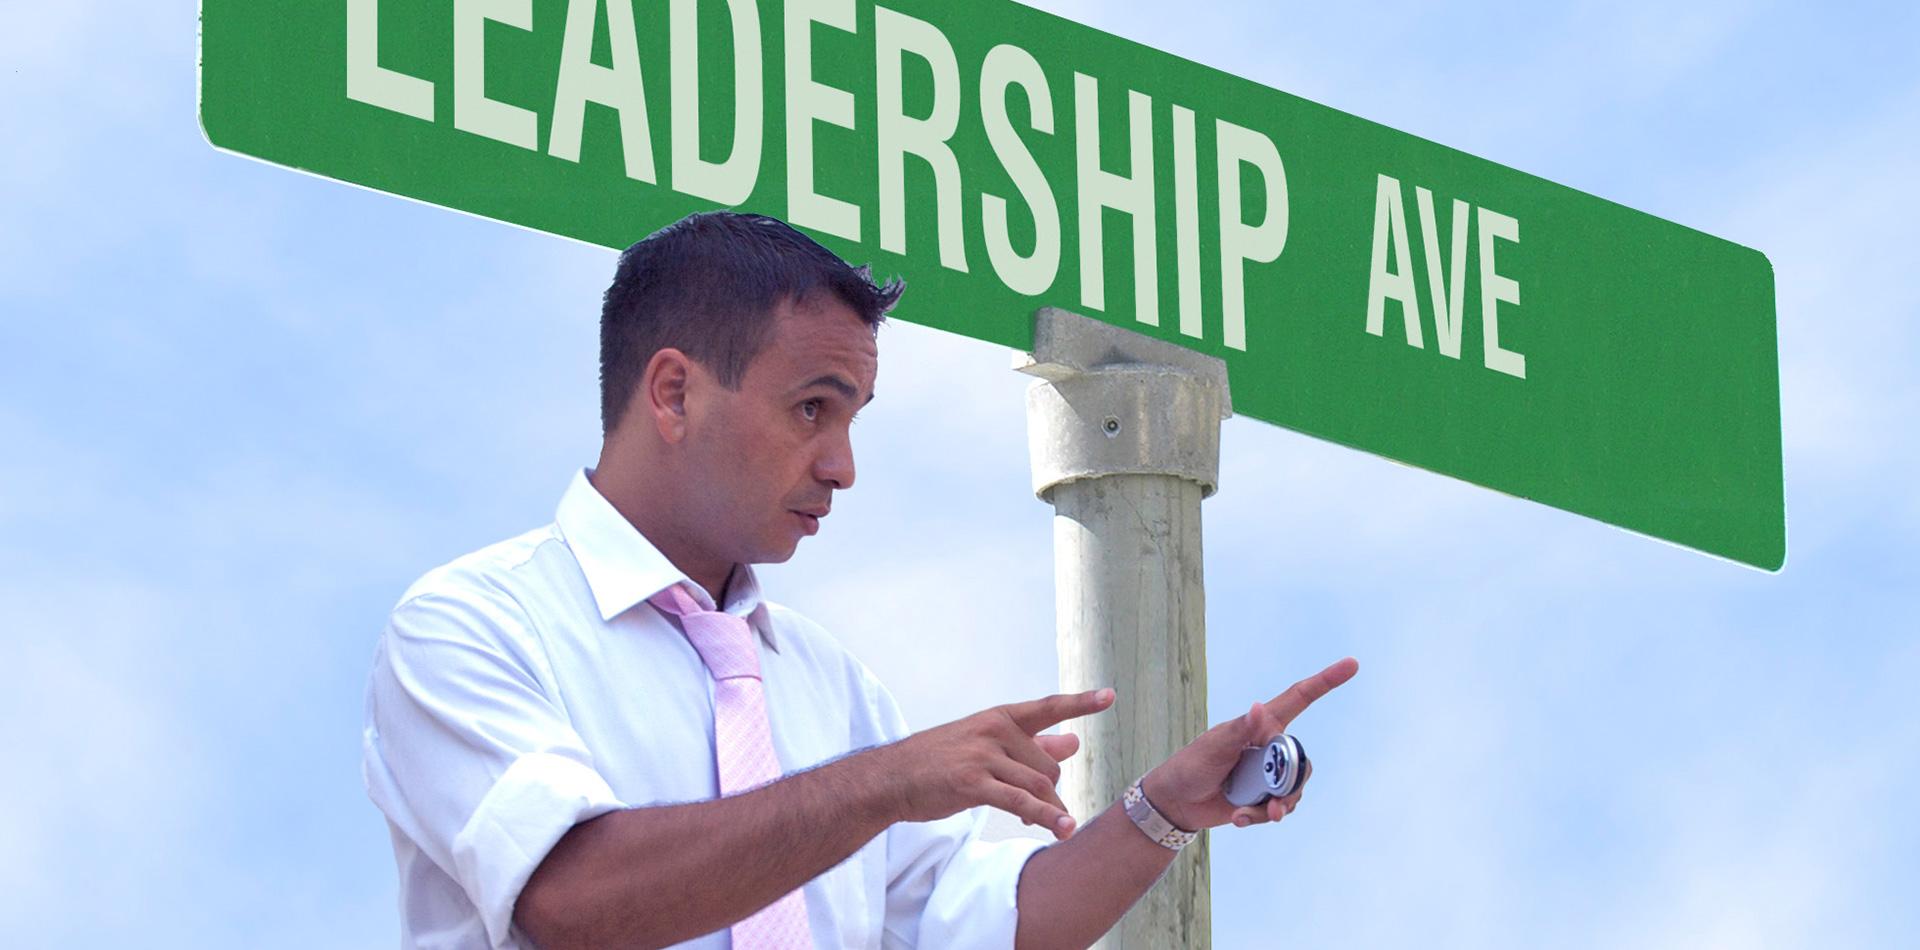 said-leadership